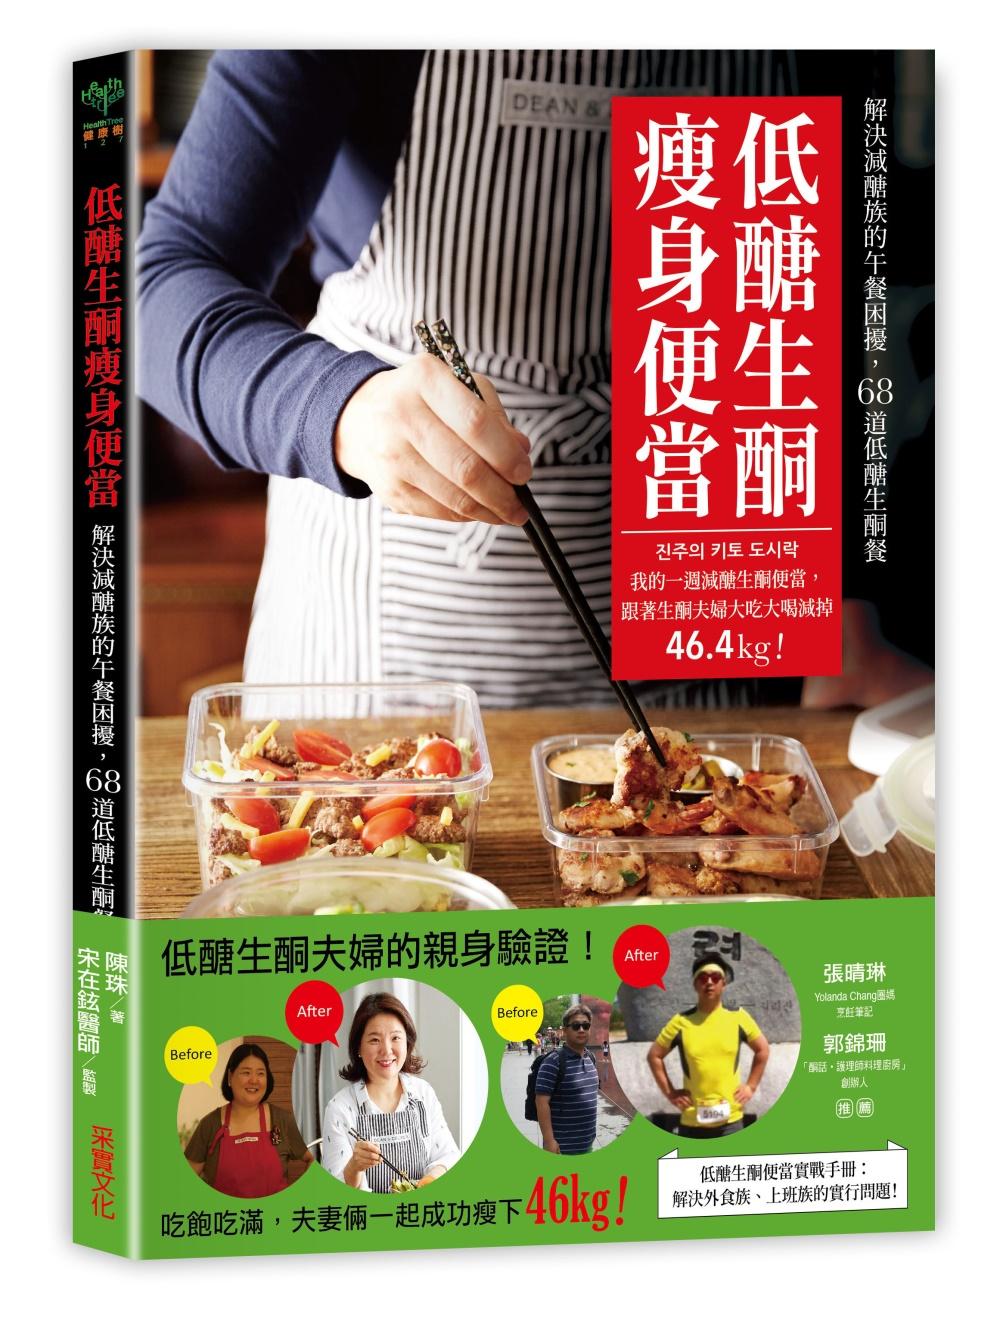 低醣生酮瘦身便當:一週減醣生酮便當,跟著生酮夫婦大吃大喝減掉46.4kg!